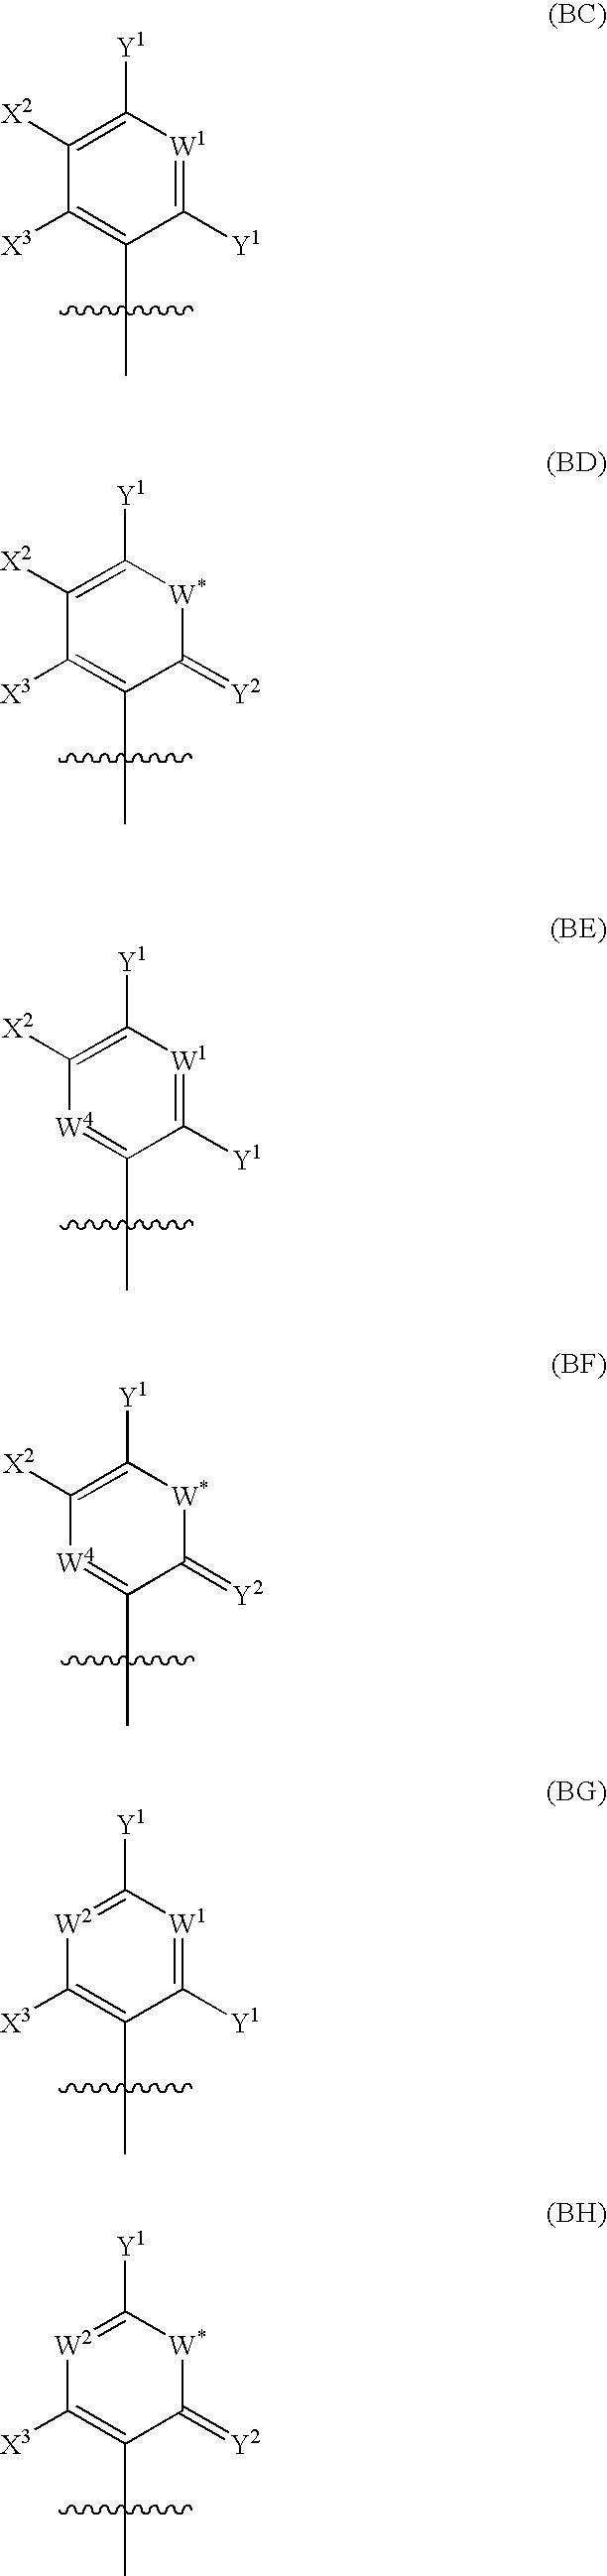 Figure US07608600-20091027-C00010